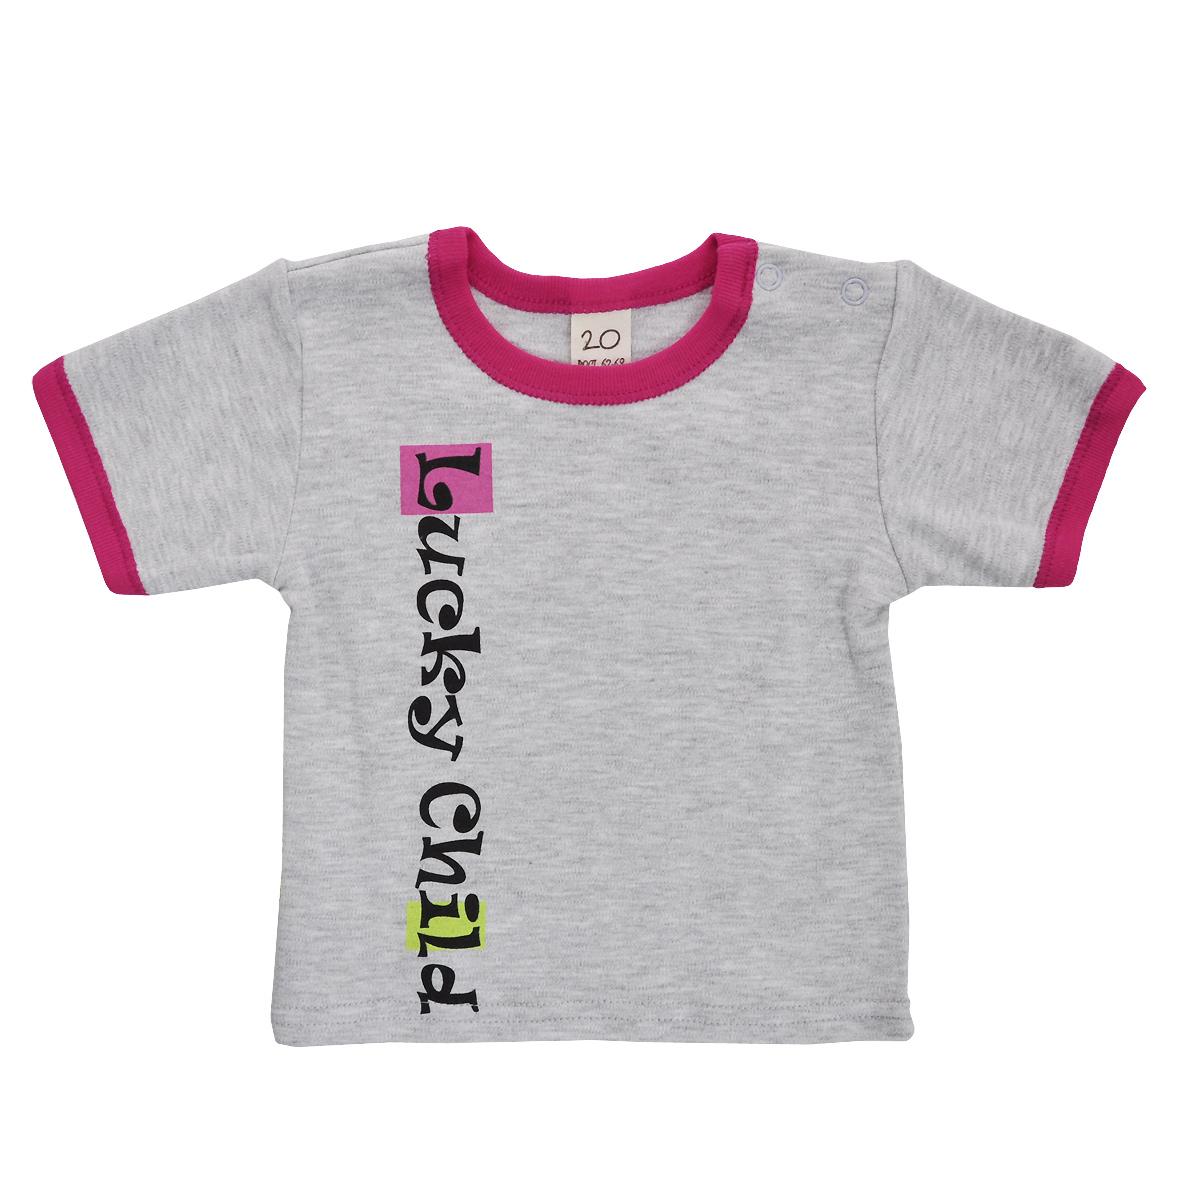 Футболка детская Lucky Child, цвет: серый, розовый. 1-26Д. Размер 98/1041-26ДДетская футболка Lucky Child Спорт идеально подойдет вашему ребенку и станет прекрасным дополнением к его гардеробу. Изготовленная из натурального хлопка, она мягкая и приятная на ощупь, не сковывает движения и позволяет коже дышать, не раздражает даже самую нежную и чувствительную кожу ребенка, обеспечивая наибольший комфорт. Футболка с круглым вырезом горловины и короткими рукавами застегивается на кнопки по плечевому шву, что позволяет легко переодеть кроху. Низ рукавов и вырез горловины дополнены трикотажными резинками контрастного цвета. Модель оформлена принтовой надписью.В такой футболке ваш ребенок будет чувствовать себя уютно и комфортно, и всегда будет в центре внимания!